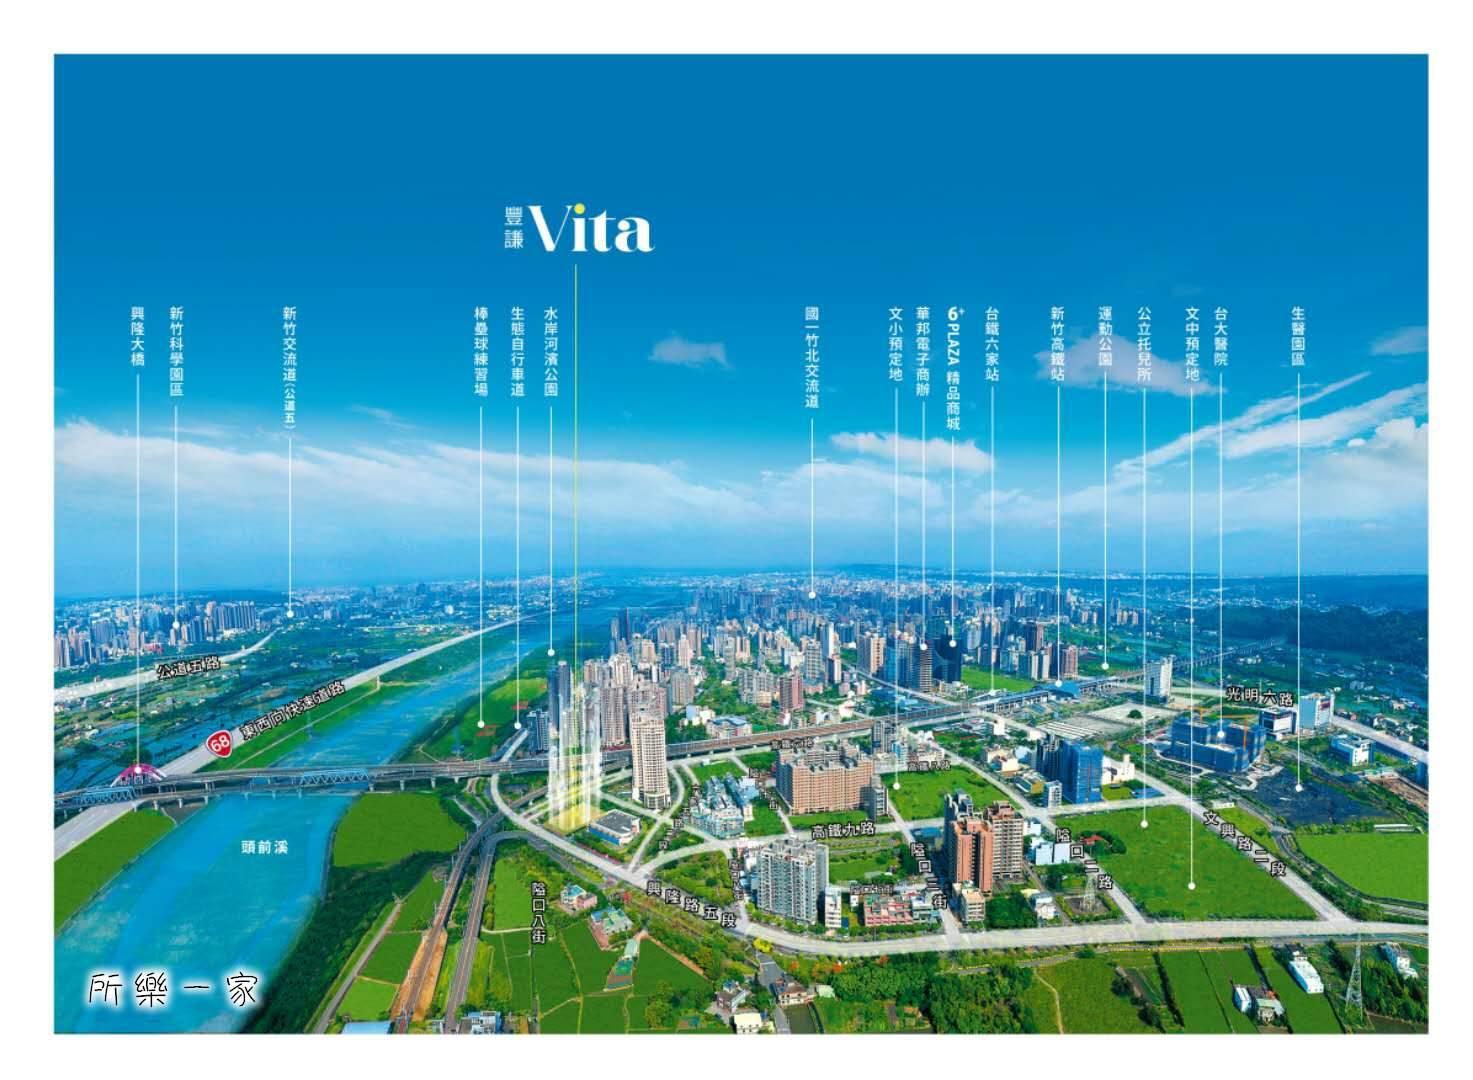 宅 建 統計 2020 〈房產〉9豪宅建商張開雙臂迎接首購族 央北居大宗